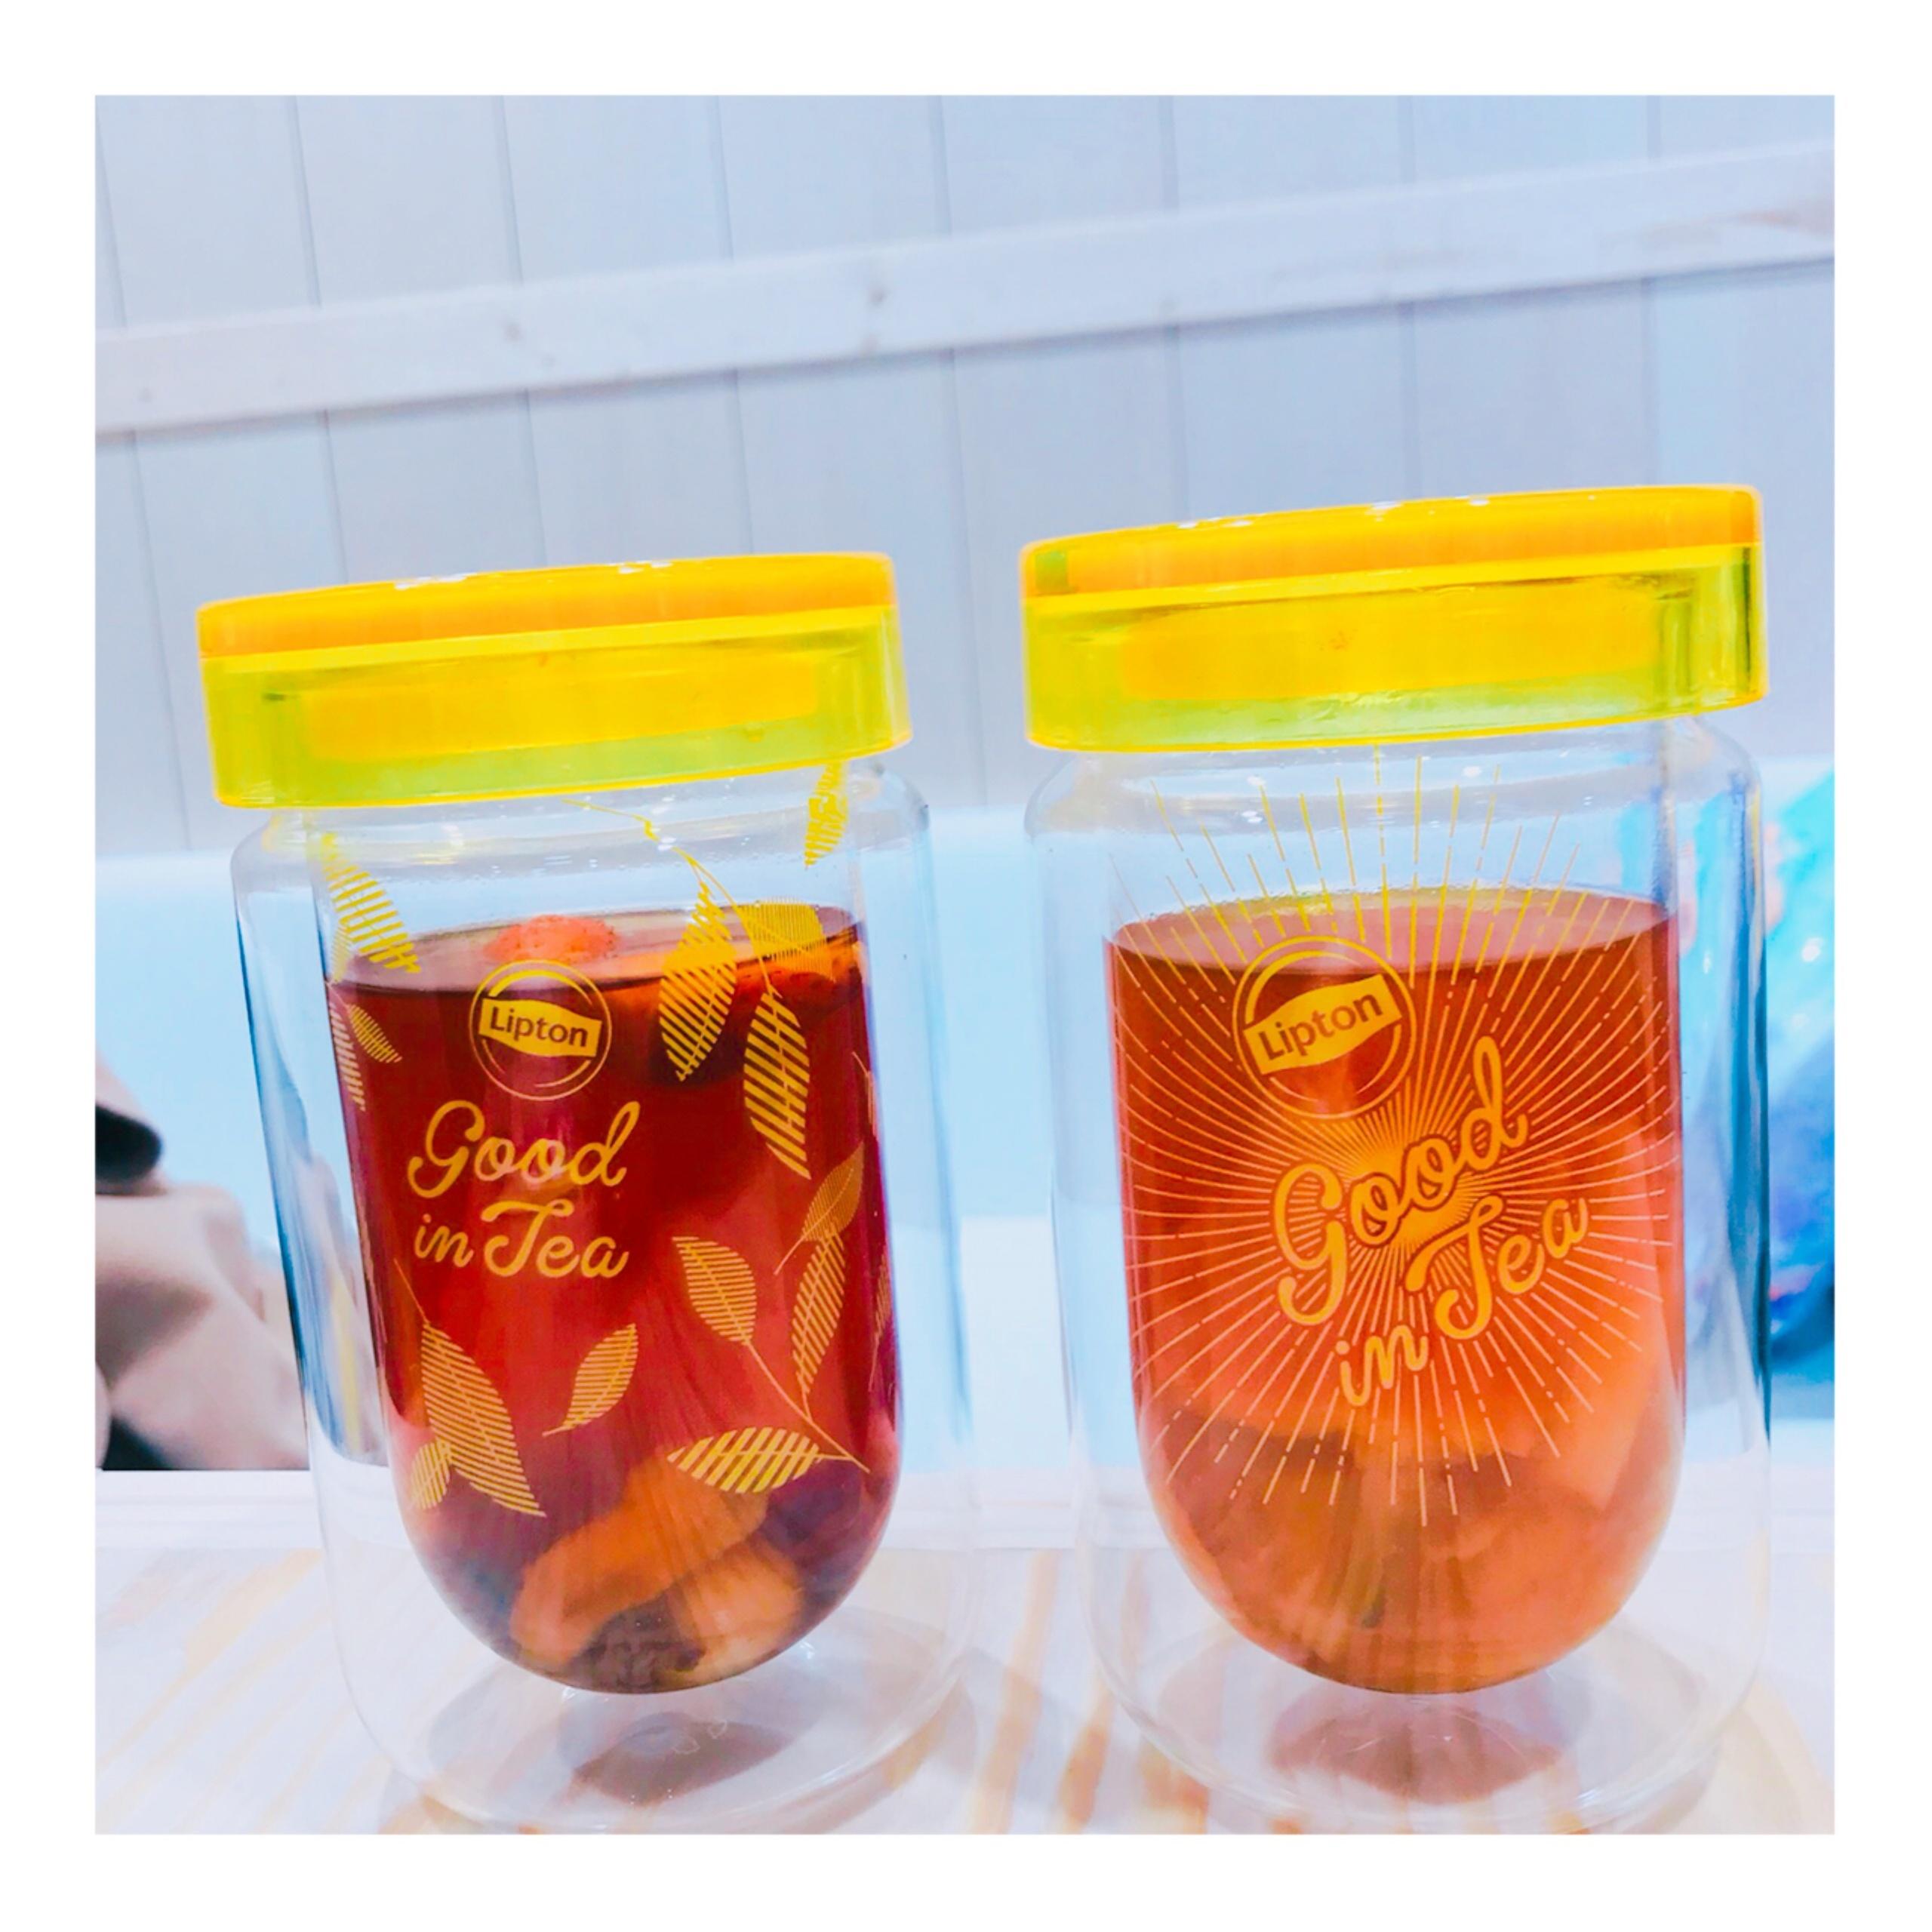 """【表参道】人気の"""" Lipton Good in Tea """"が期間限定で2018年も開催!終わる前に急げー♪_4"""